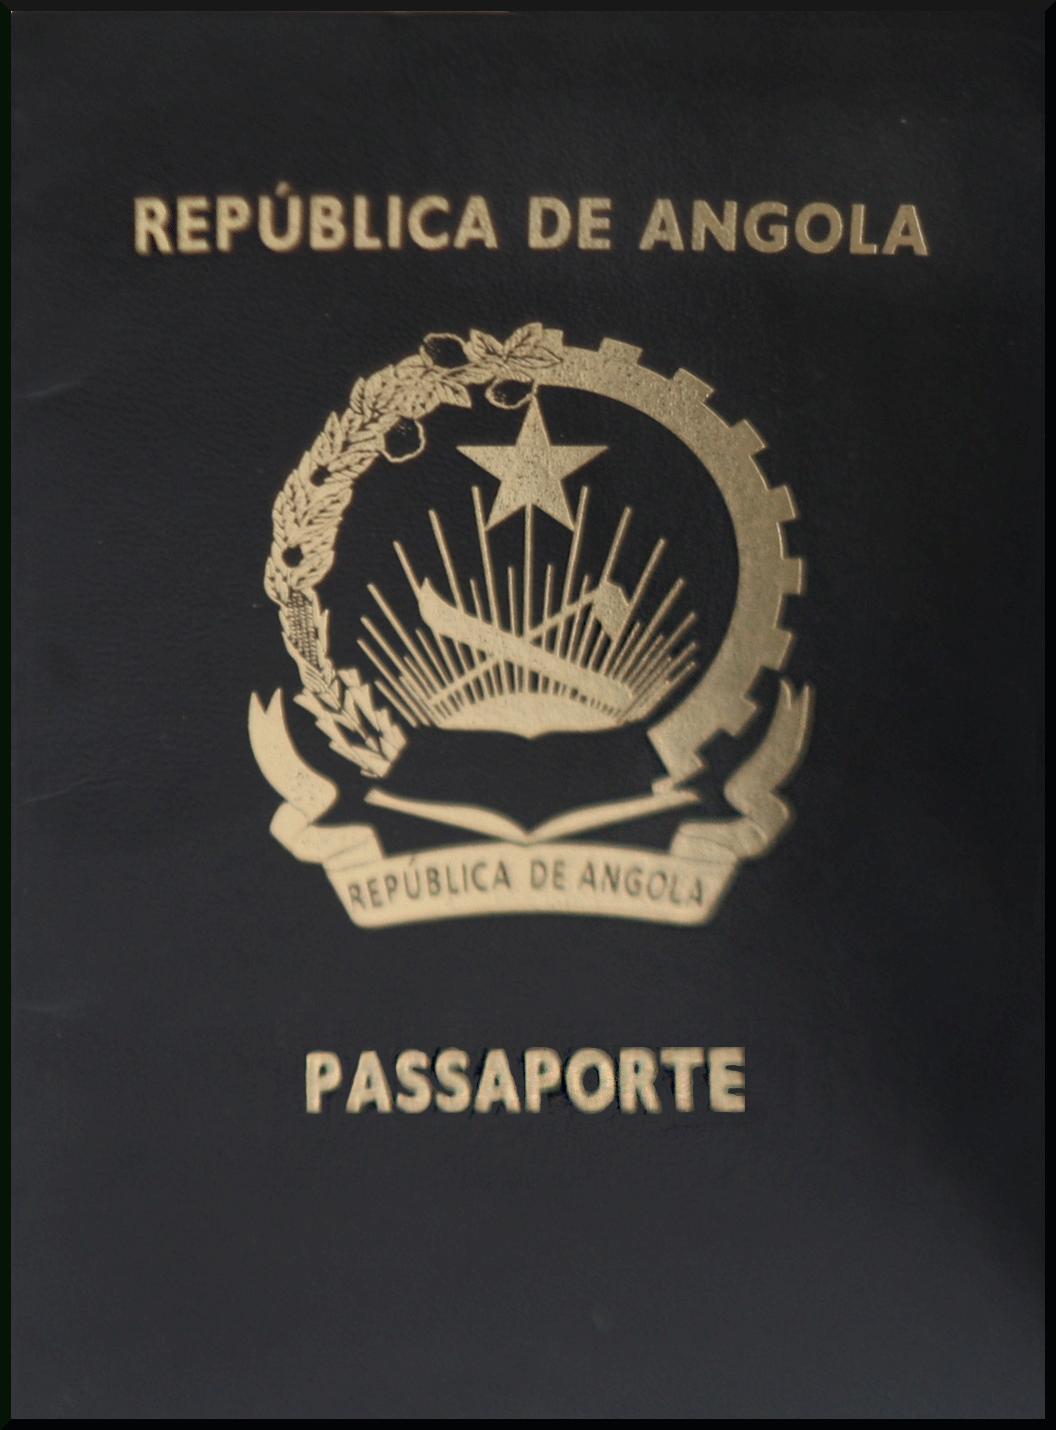 Паспорт Анголы